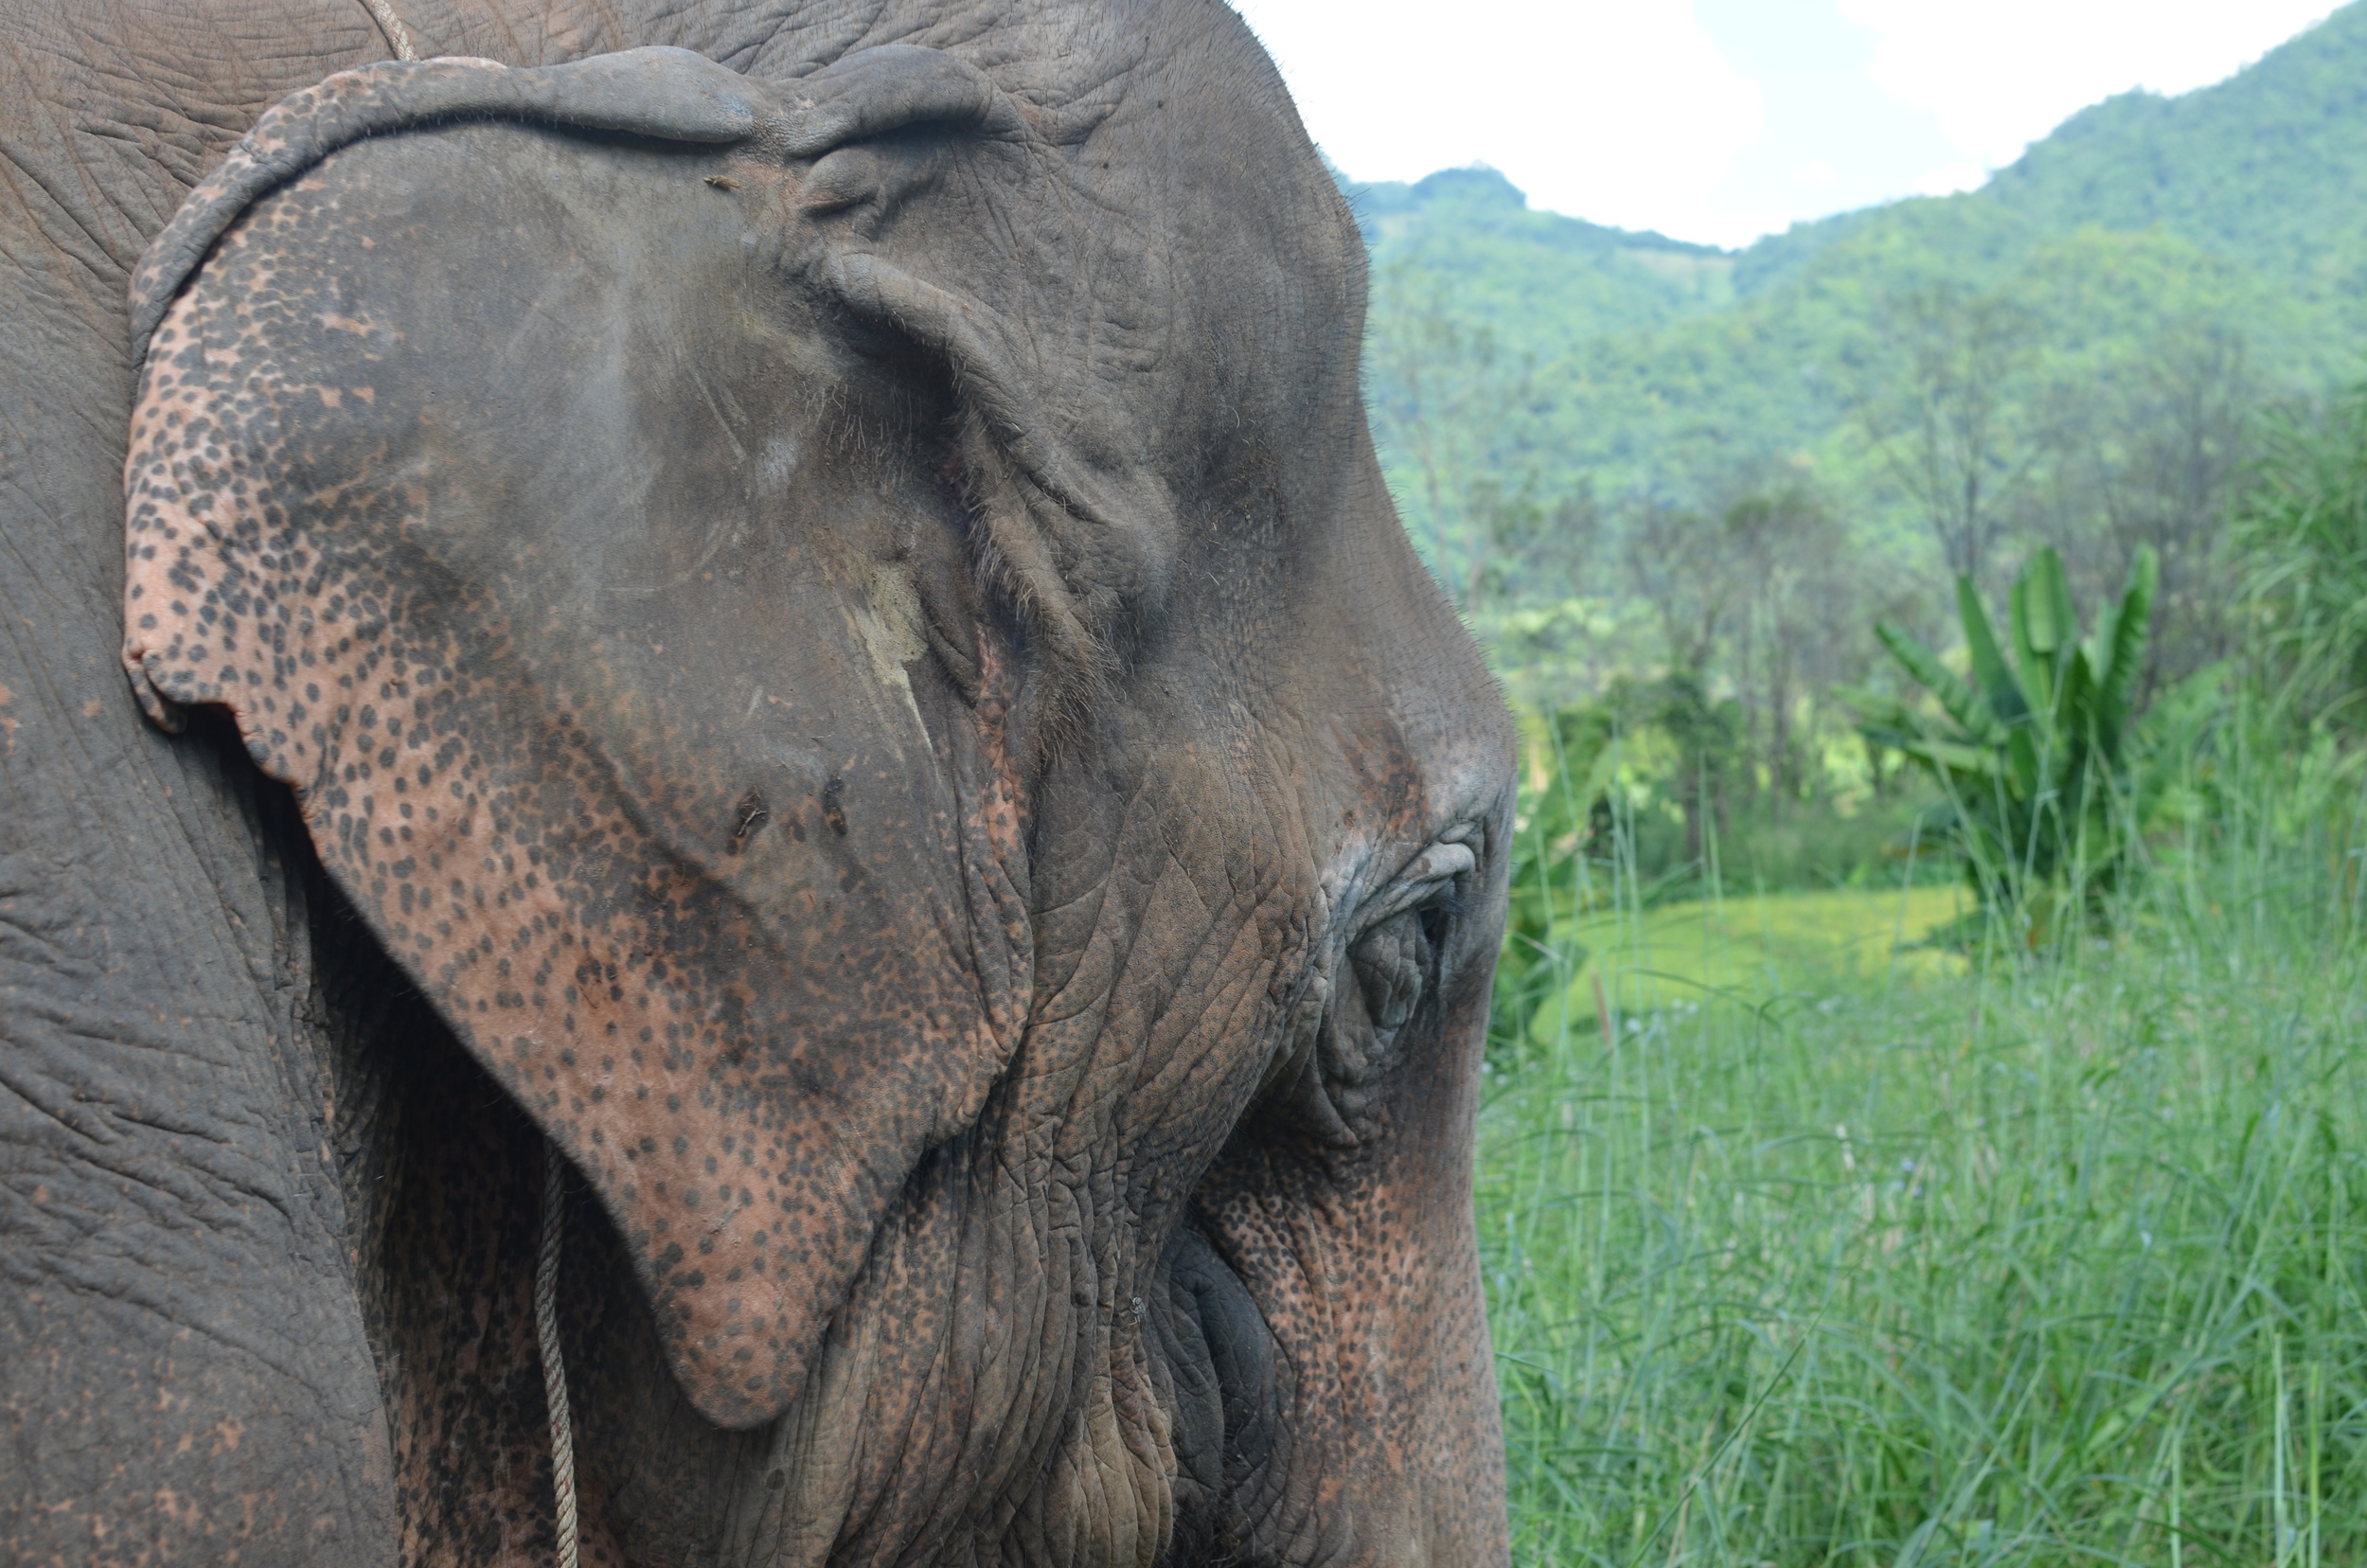 #Elephantselfie